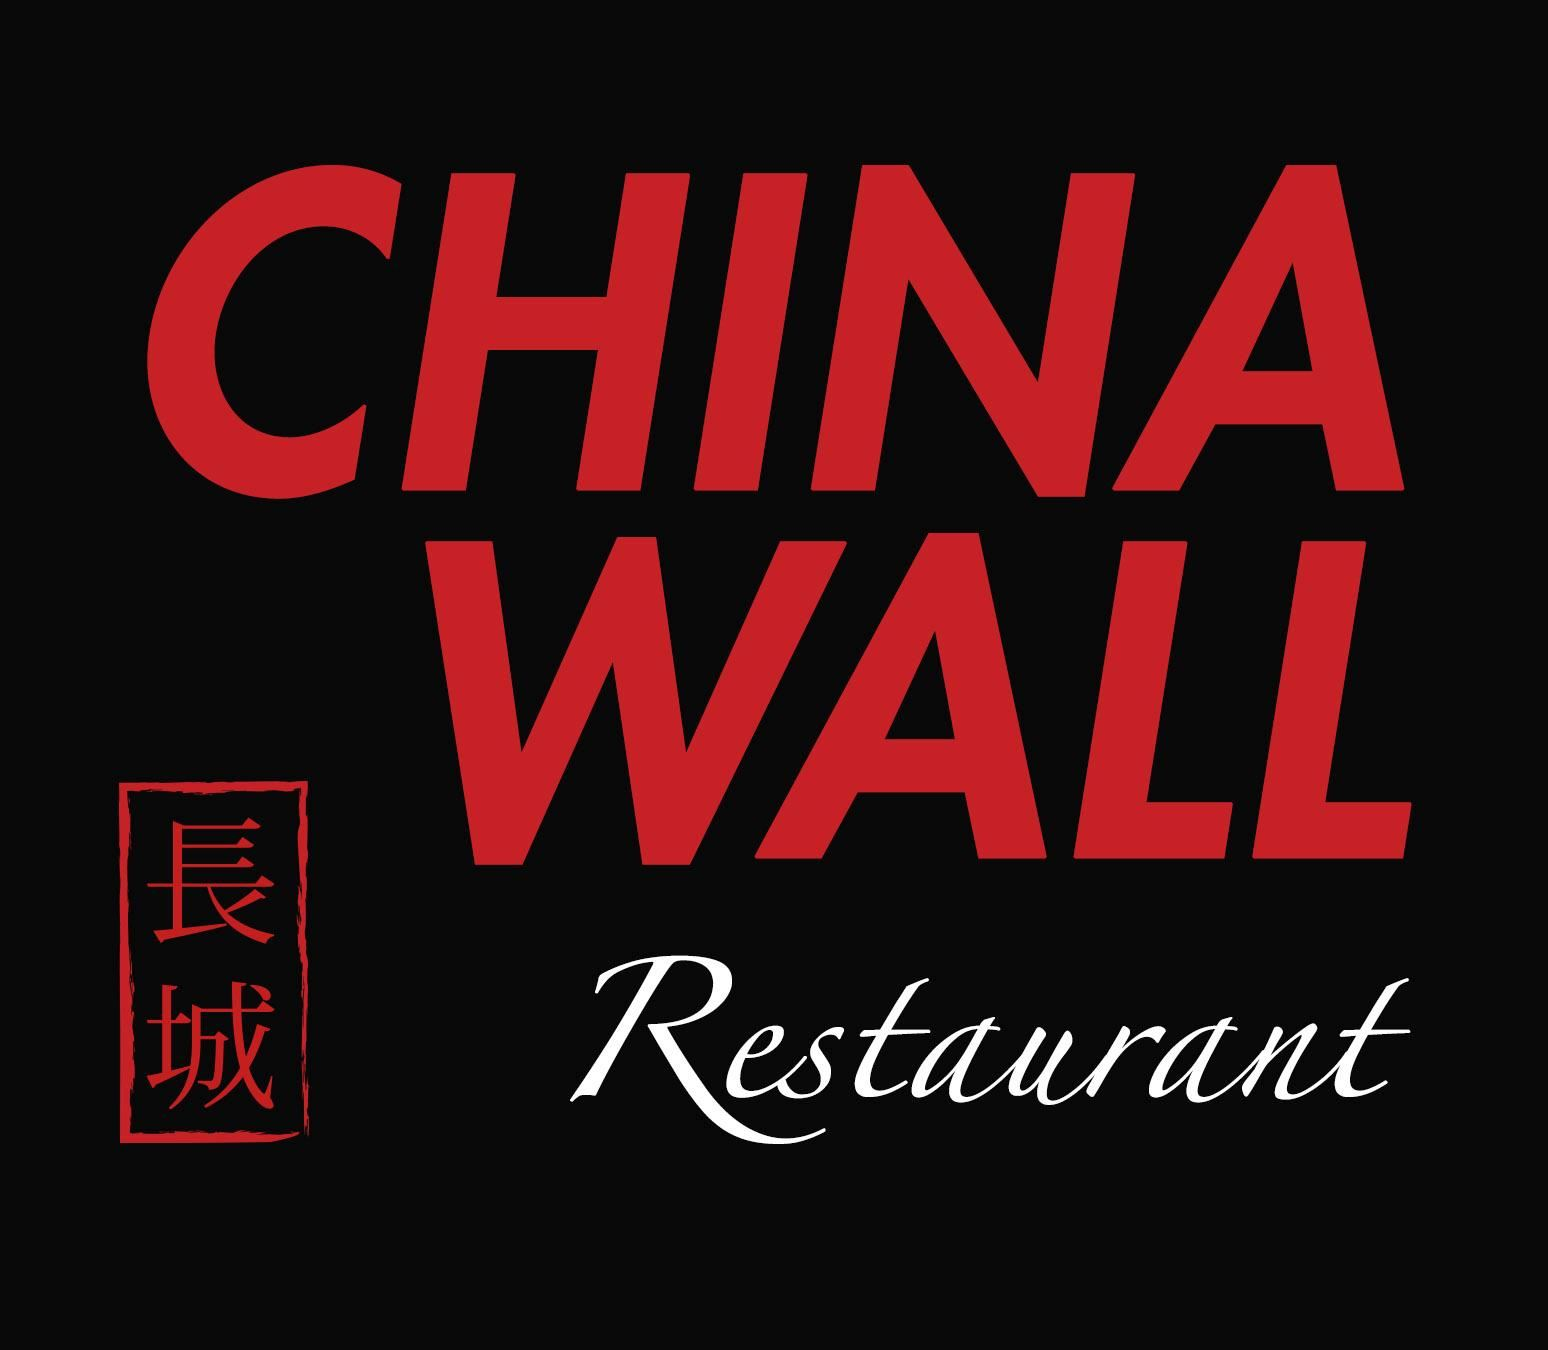 Chinawall Restaurant